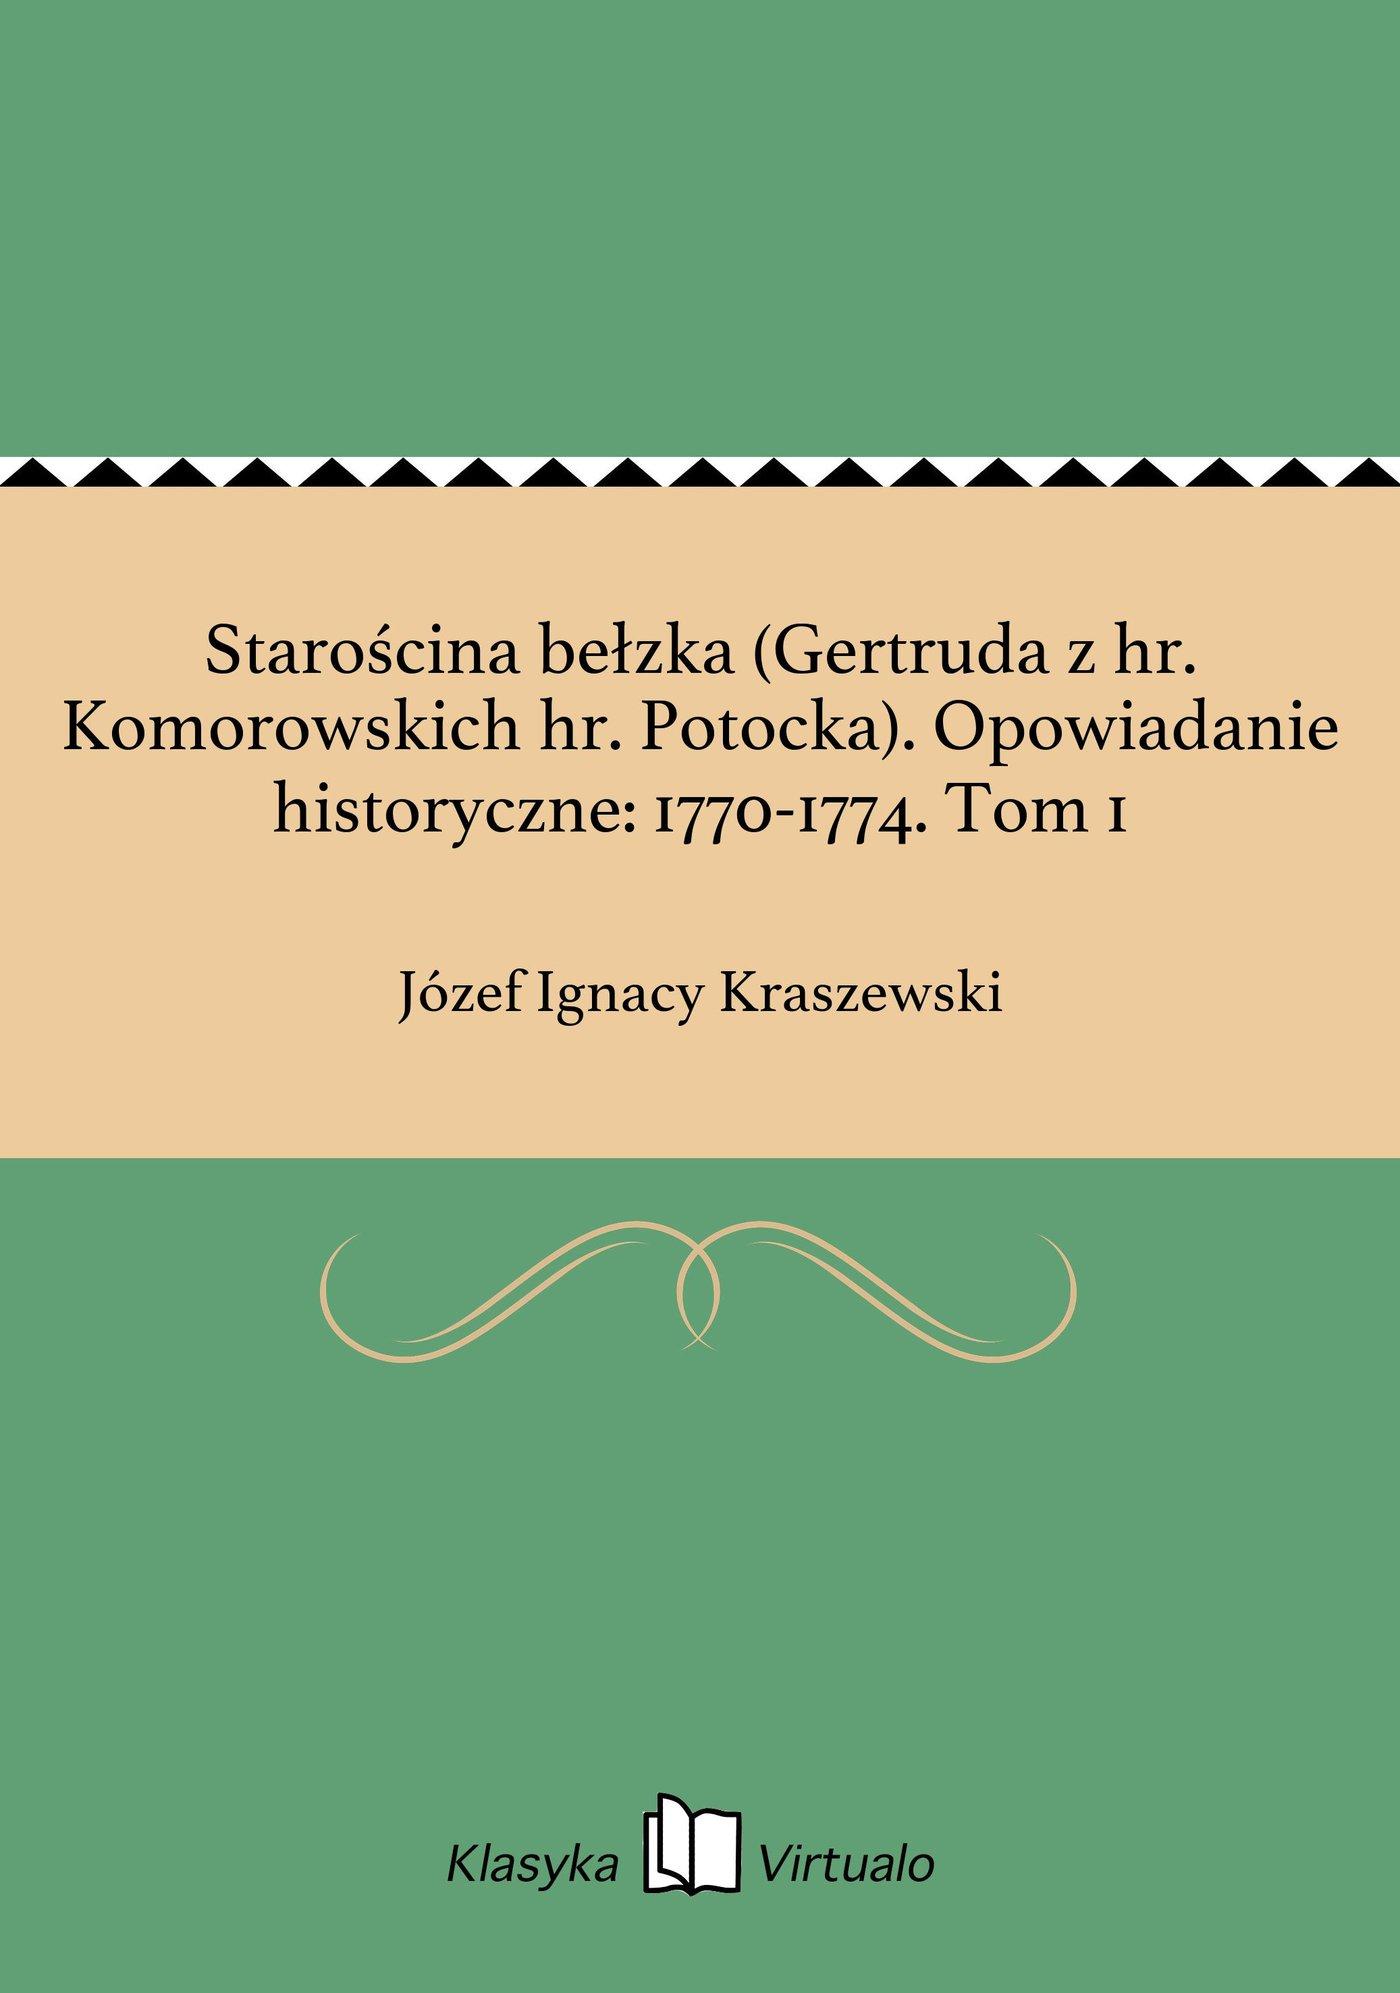 Starościna bełzka (Gertruda z hr. Komorowskich hr. Potocka). Opowiadanie historyczne: 1770-1774. Tom 1 - Ebook (Książka EPUB) do pobrania w formacie EPUB